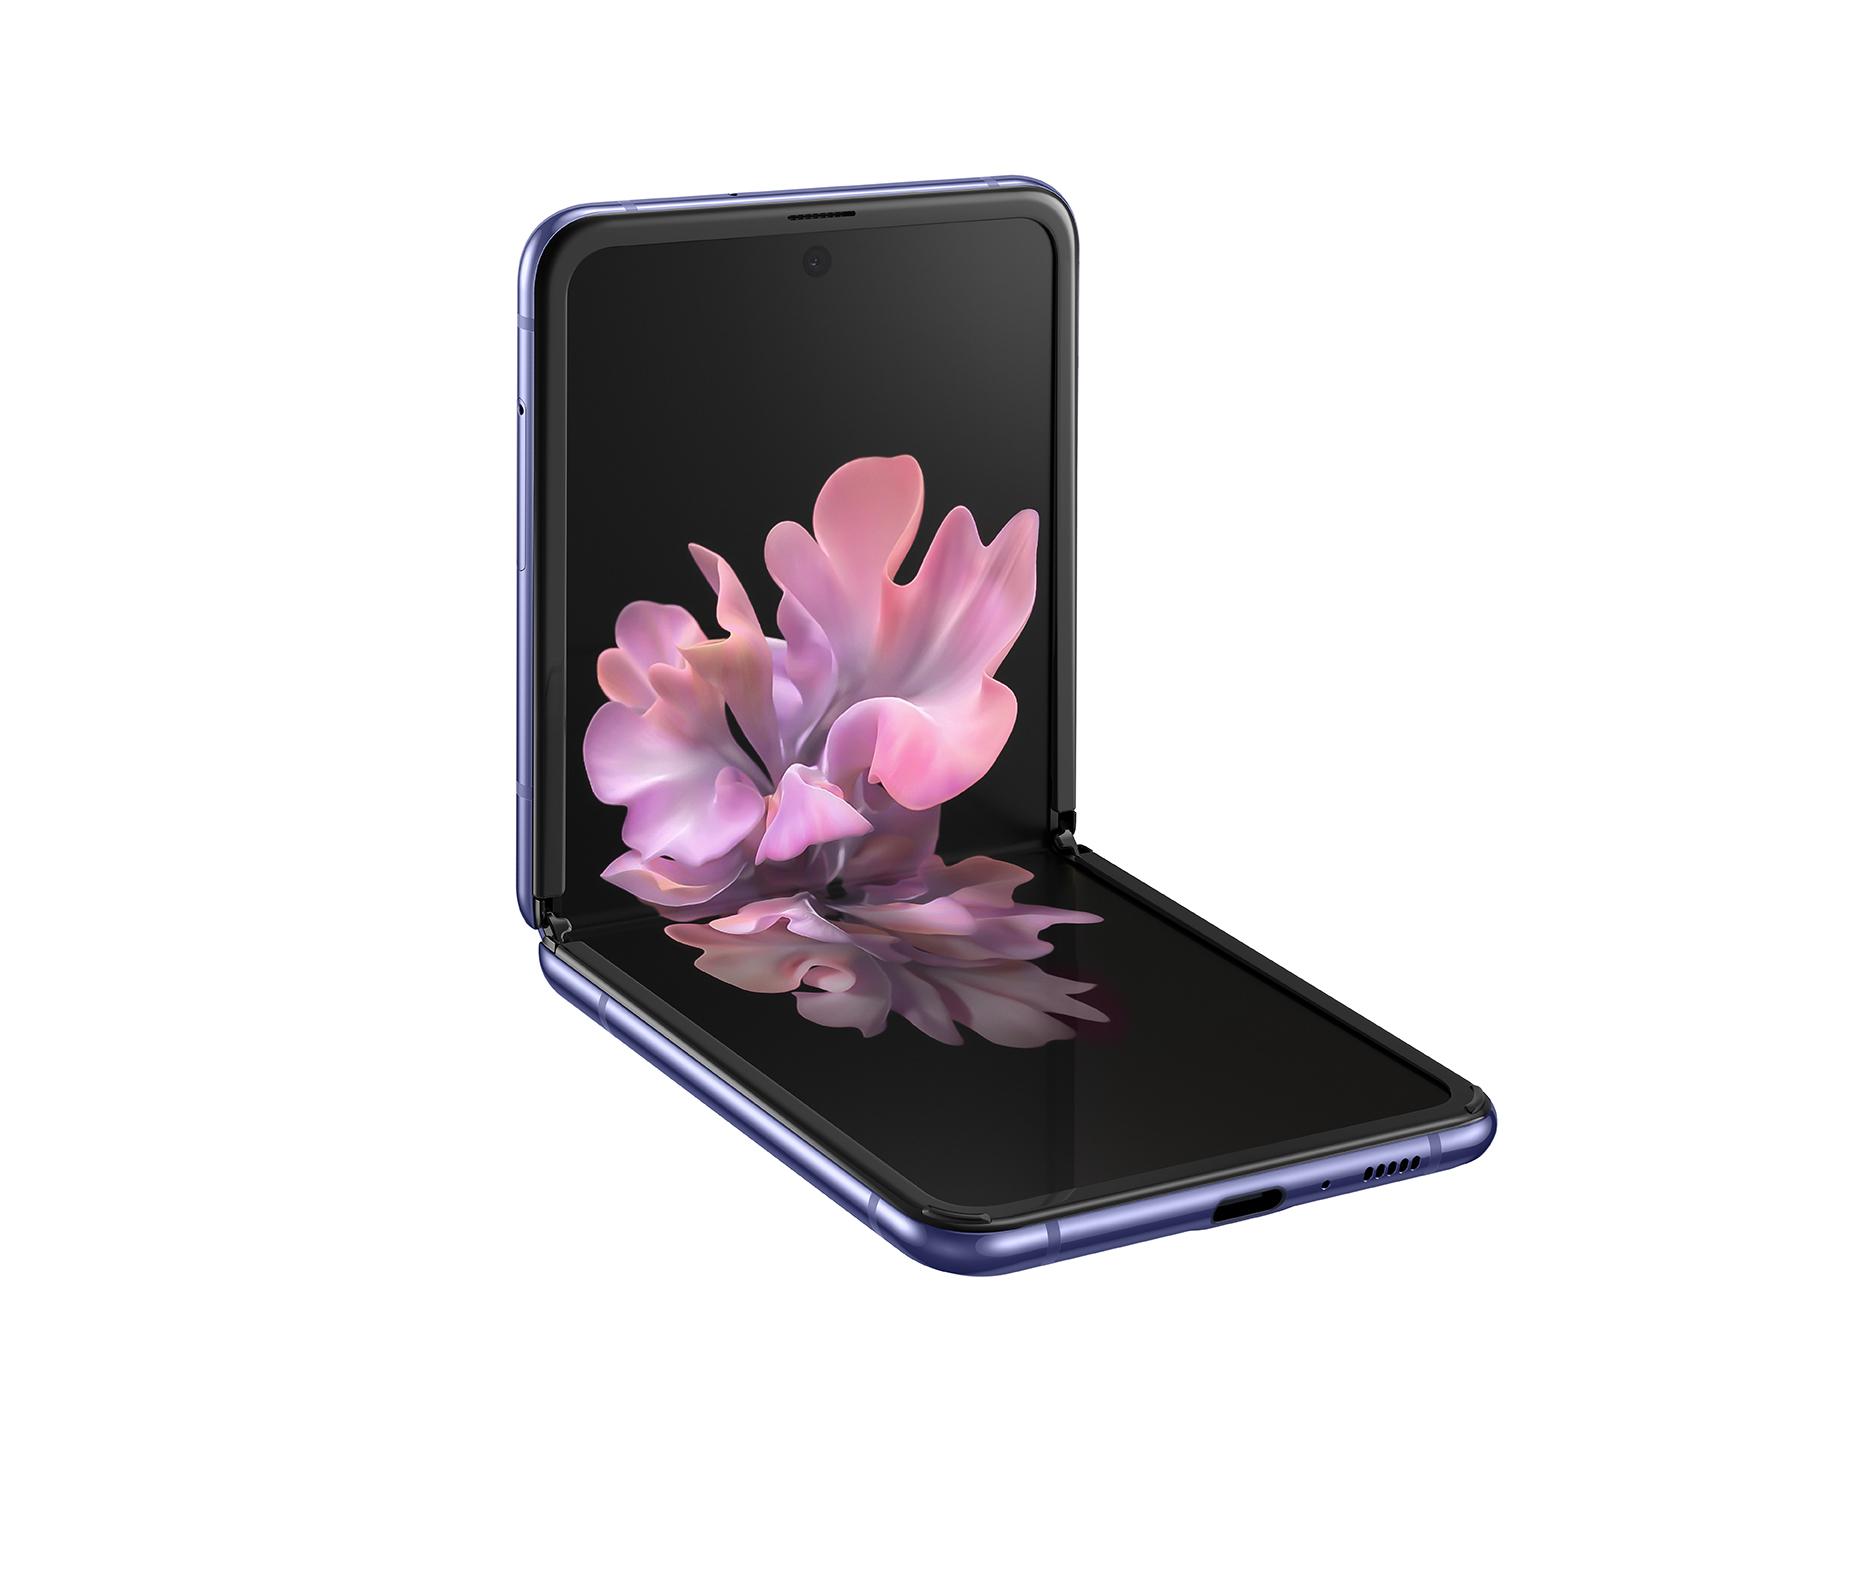 Samsung Galaxy Z Flip (8 GB/ 256 GB)